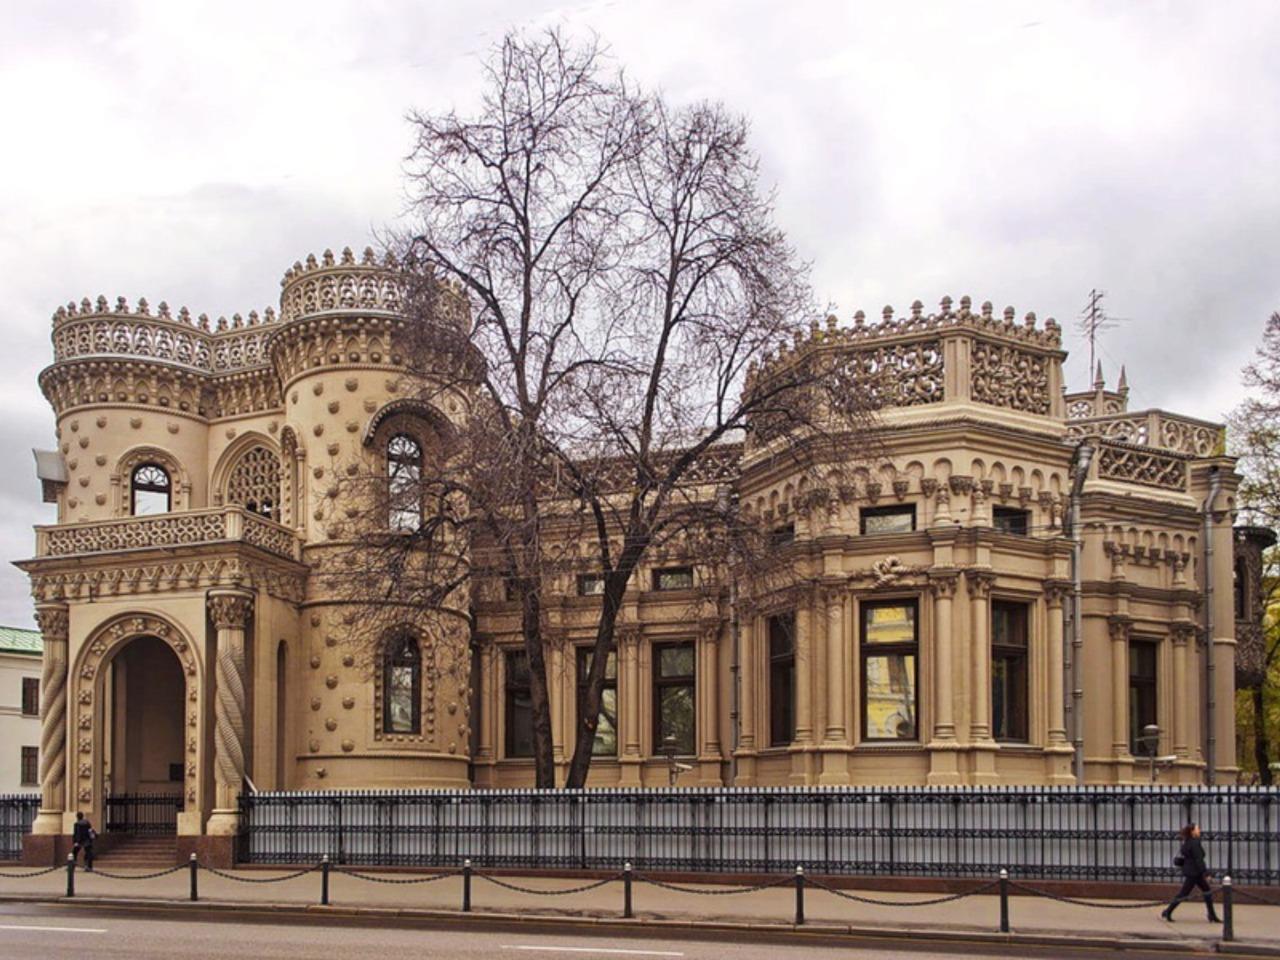 От судьбы не уйдешь! Москва поэтов и писателей - индивидуальная экскурсия по Москве от опытного гида